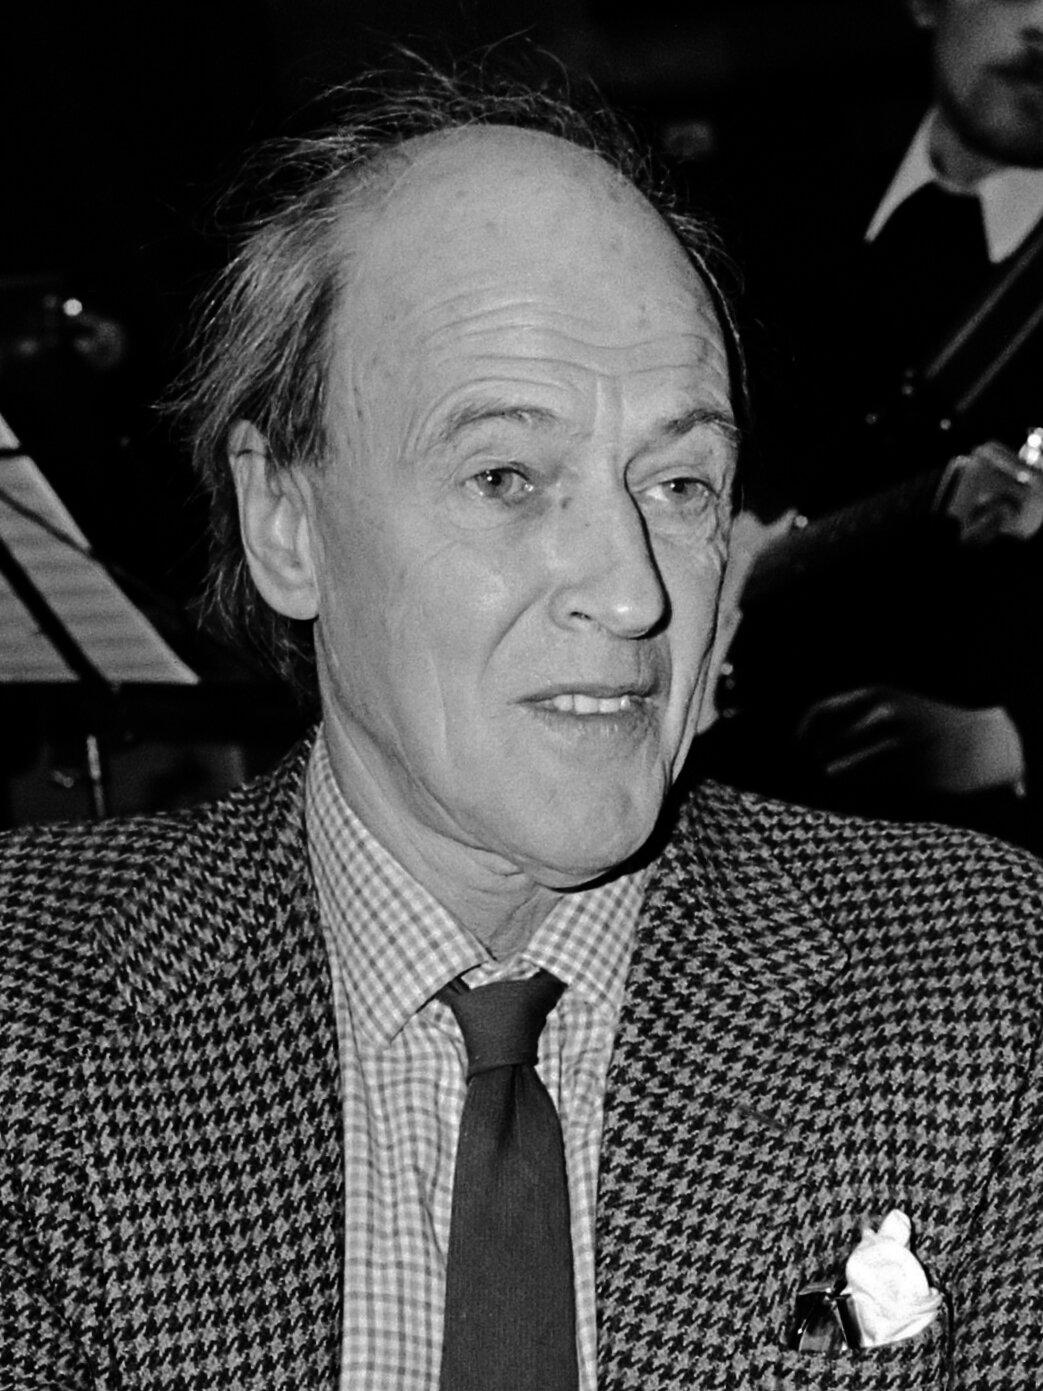 Zdjęcie - portret, Roald Dahl (BIOGRAM) Źródło: domena publiczna.